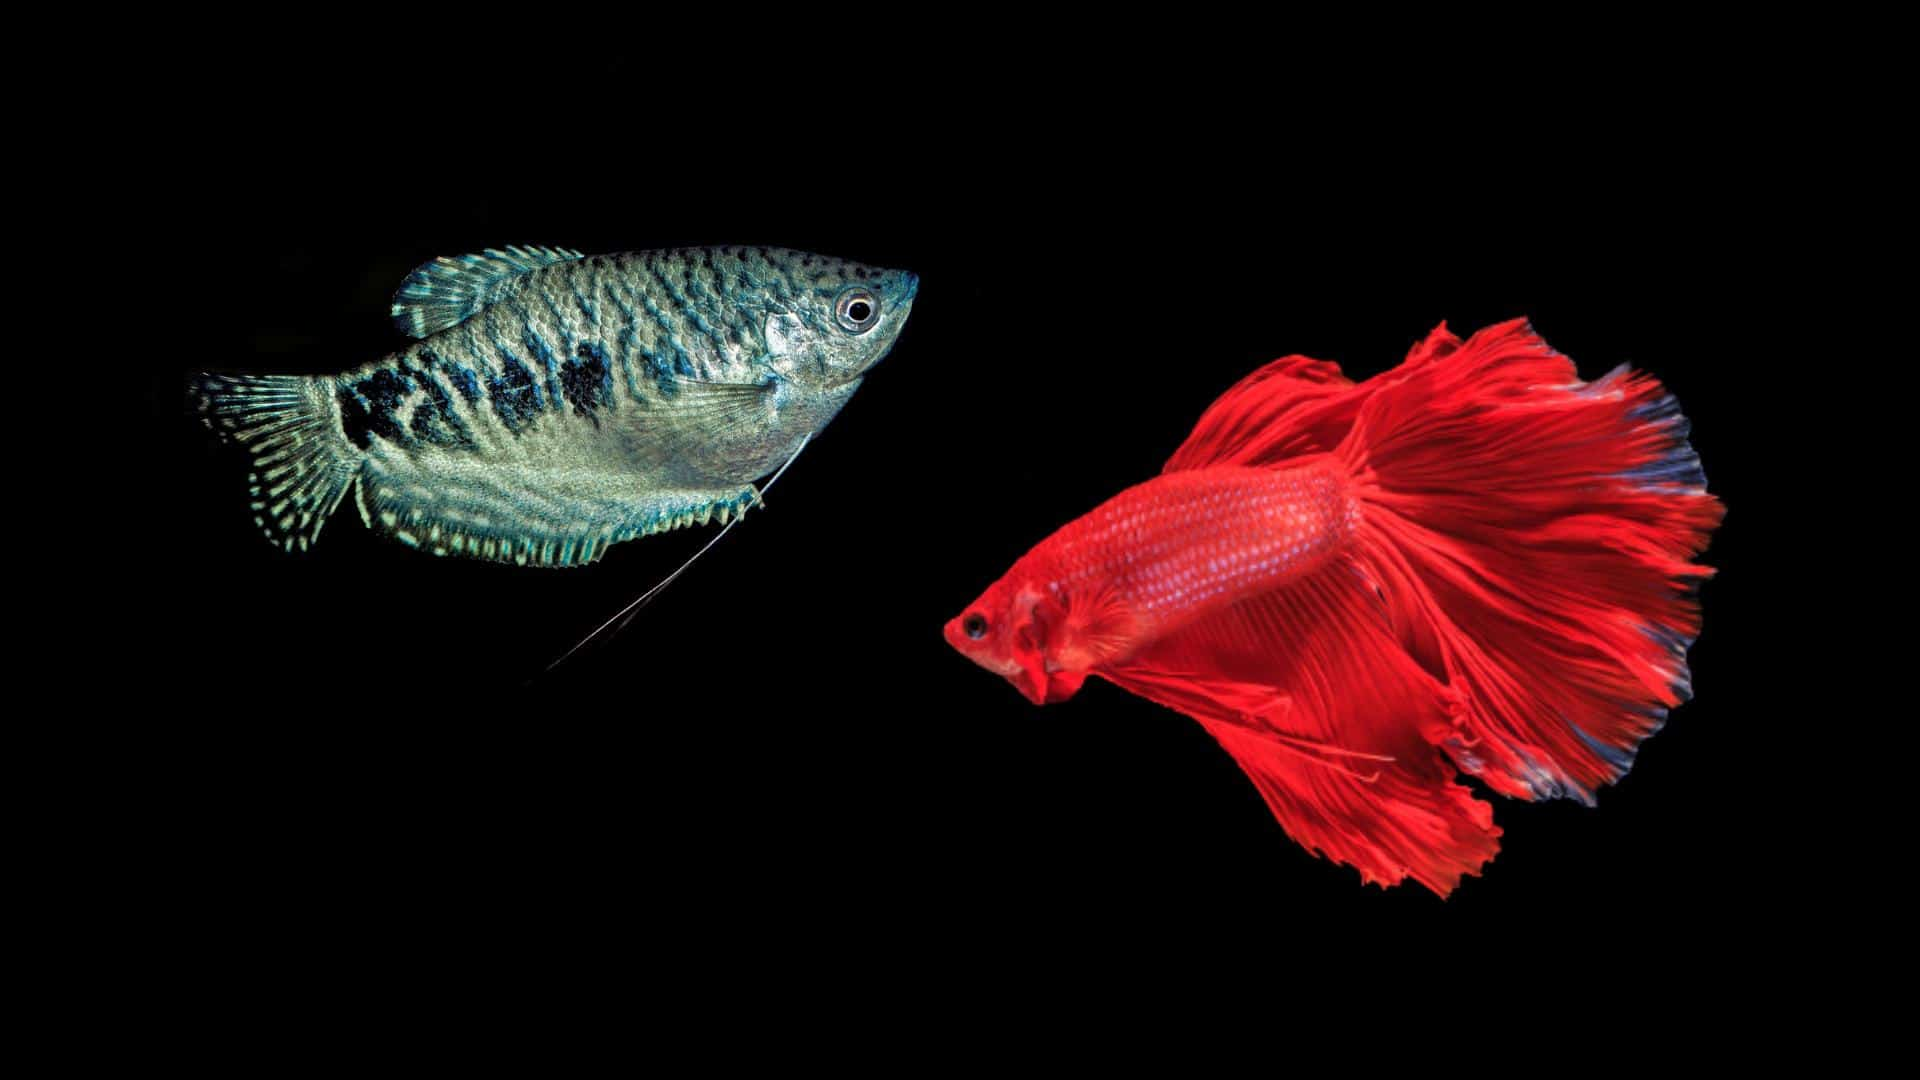 Blue Gourami And Betta Fish